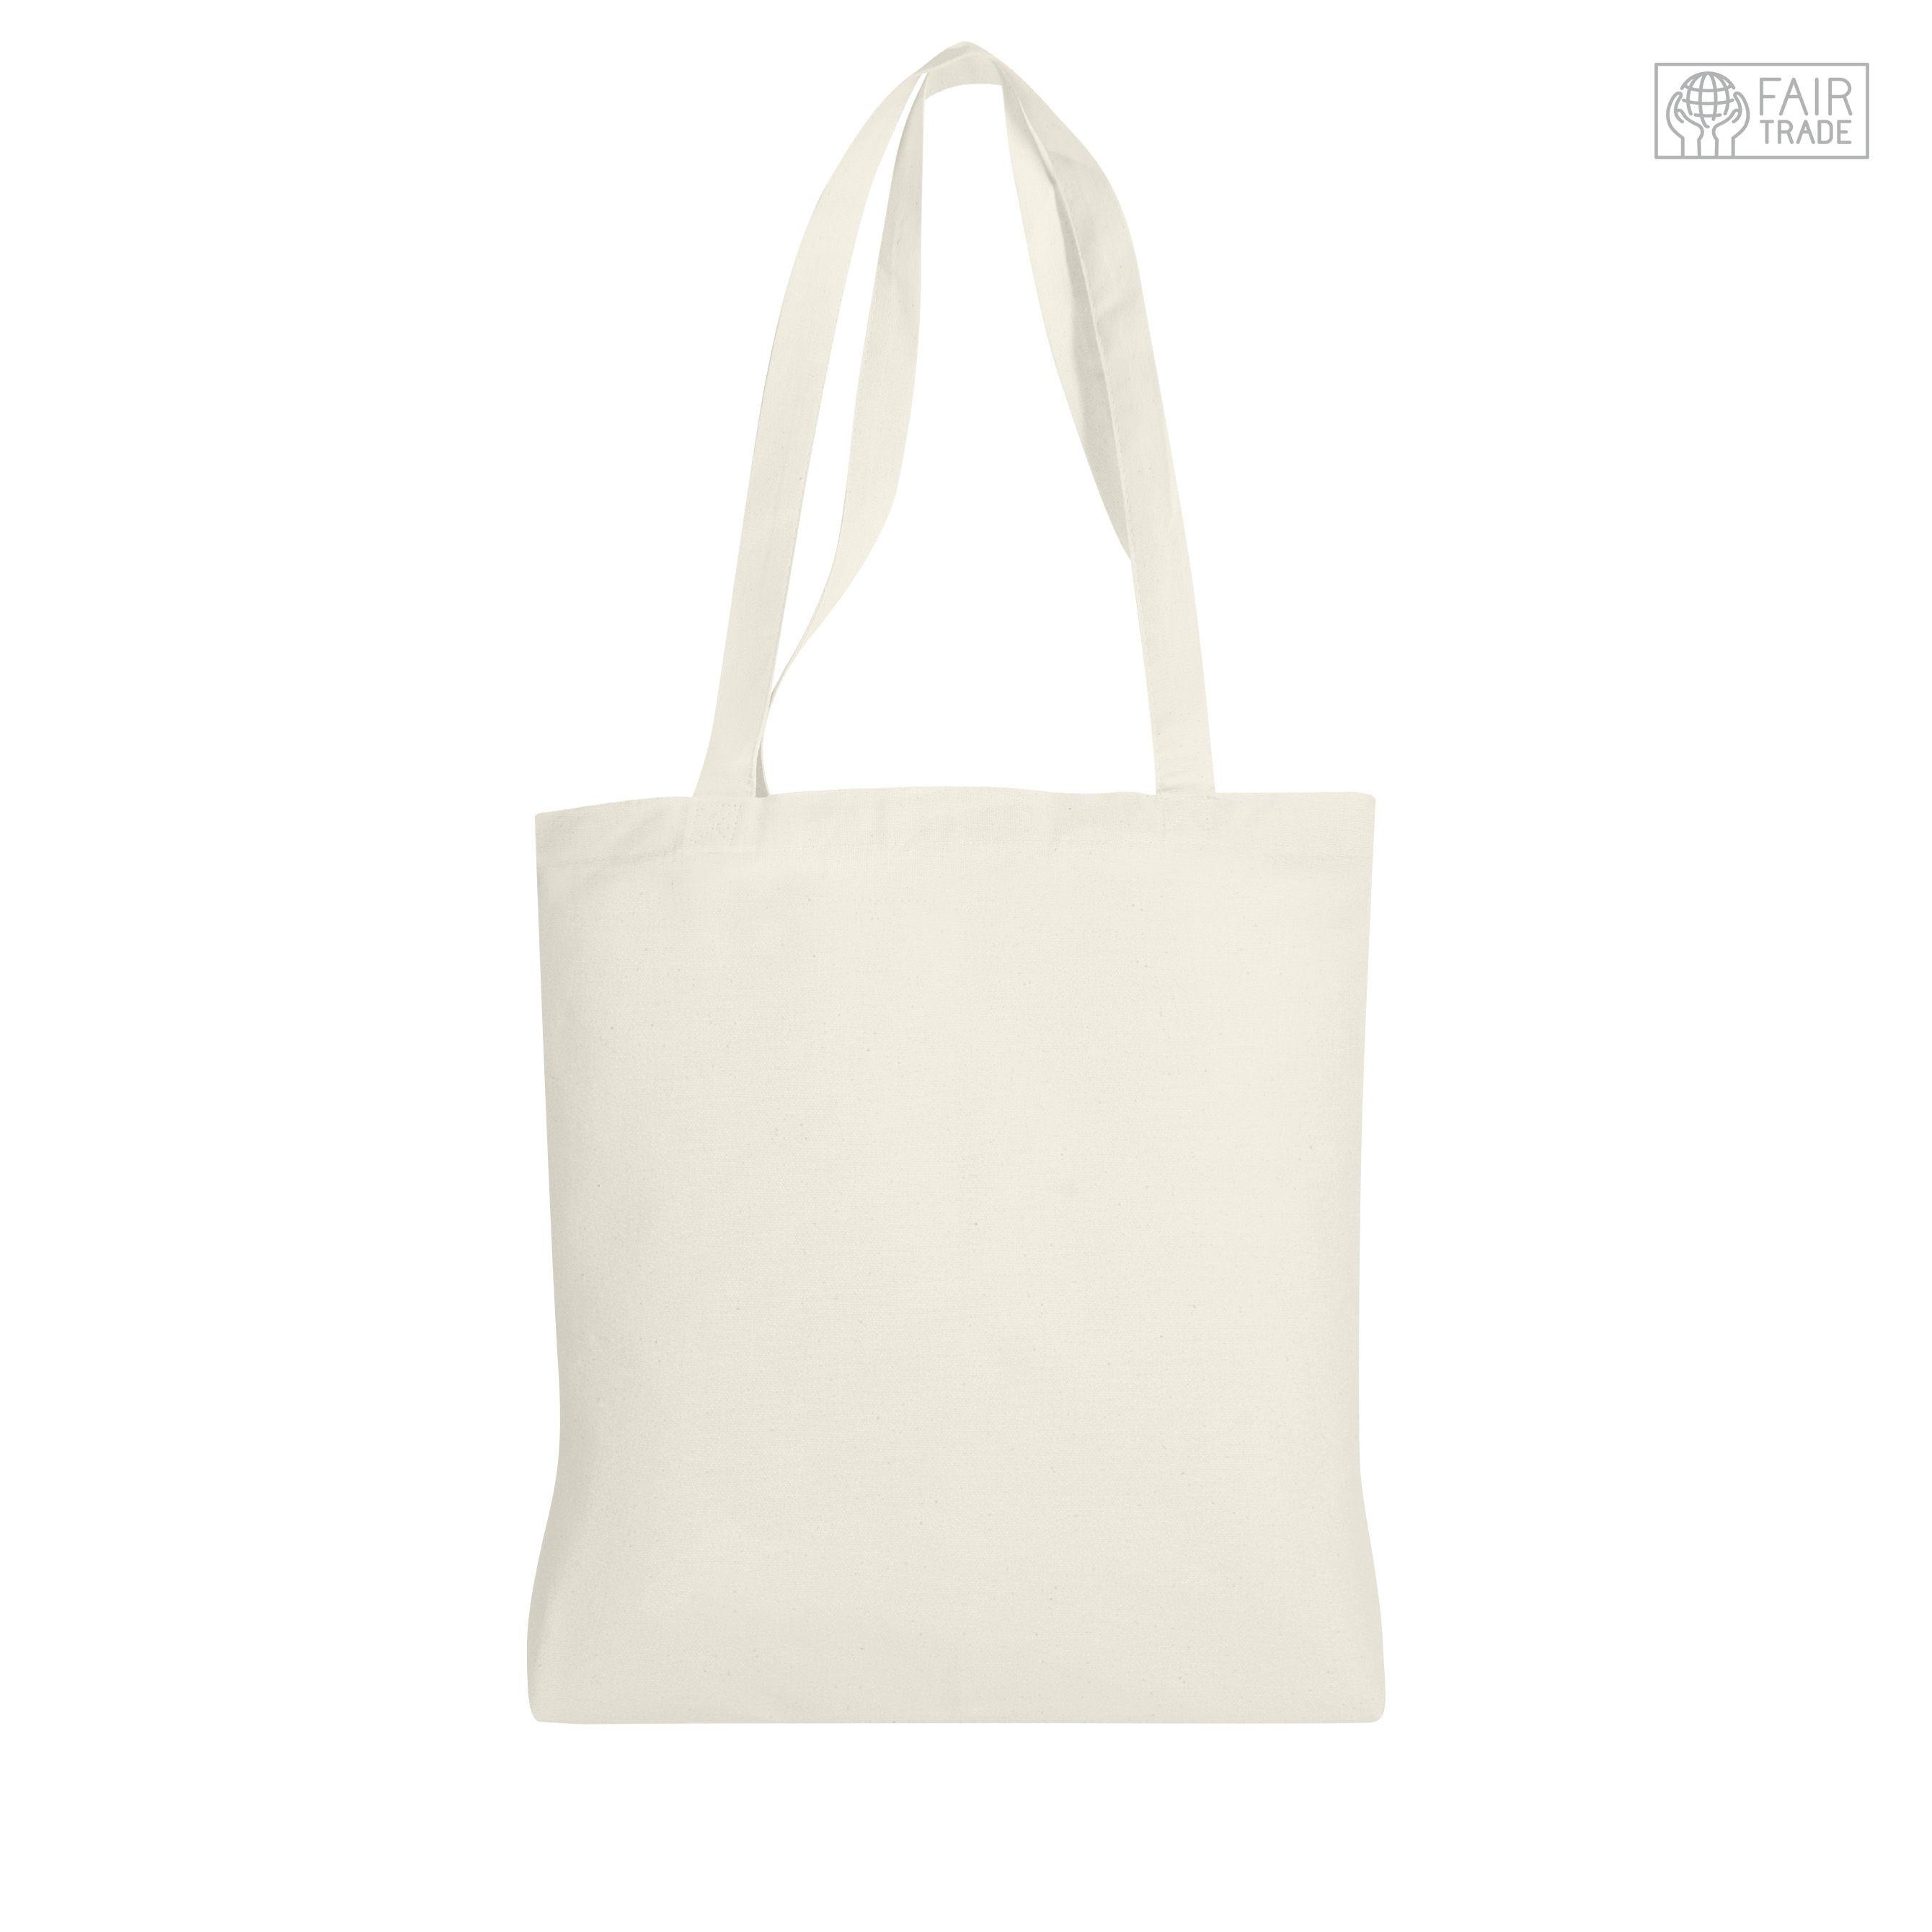 Tote bag personnalisé - Sac shopping personnalisé Fair-Shopped